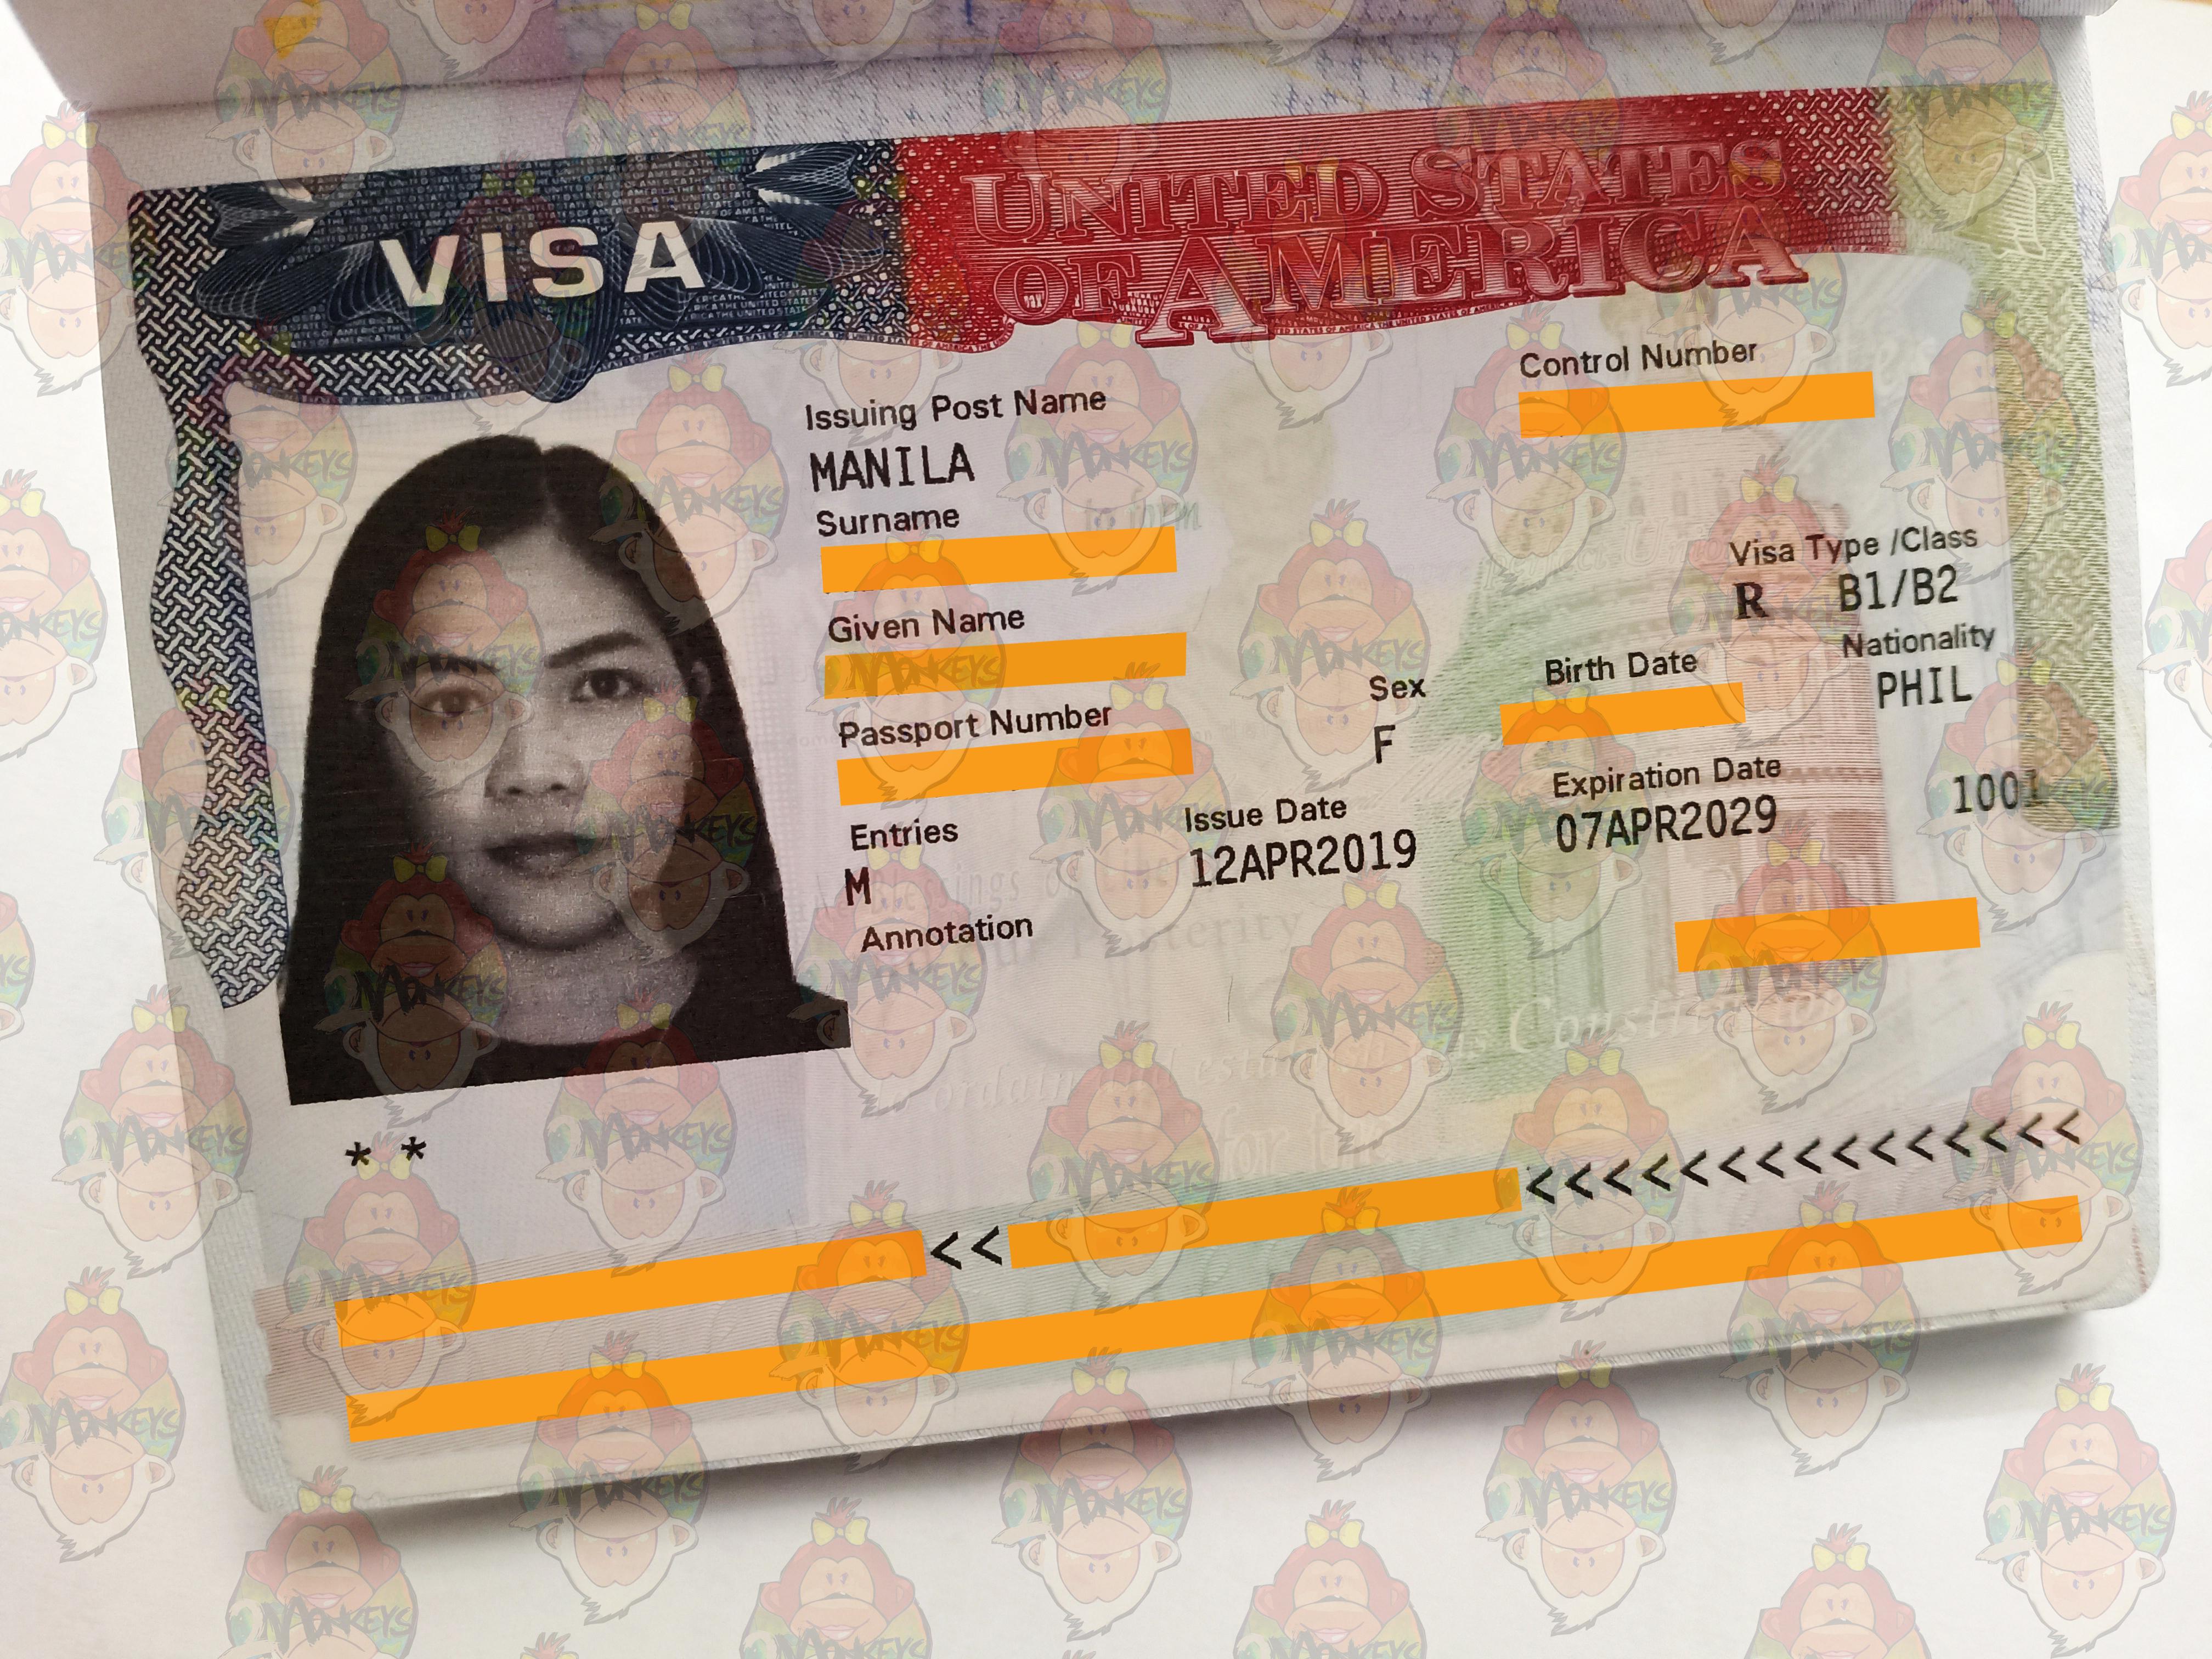 USA Visa Yvette